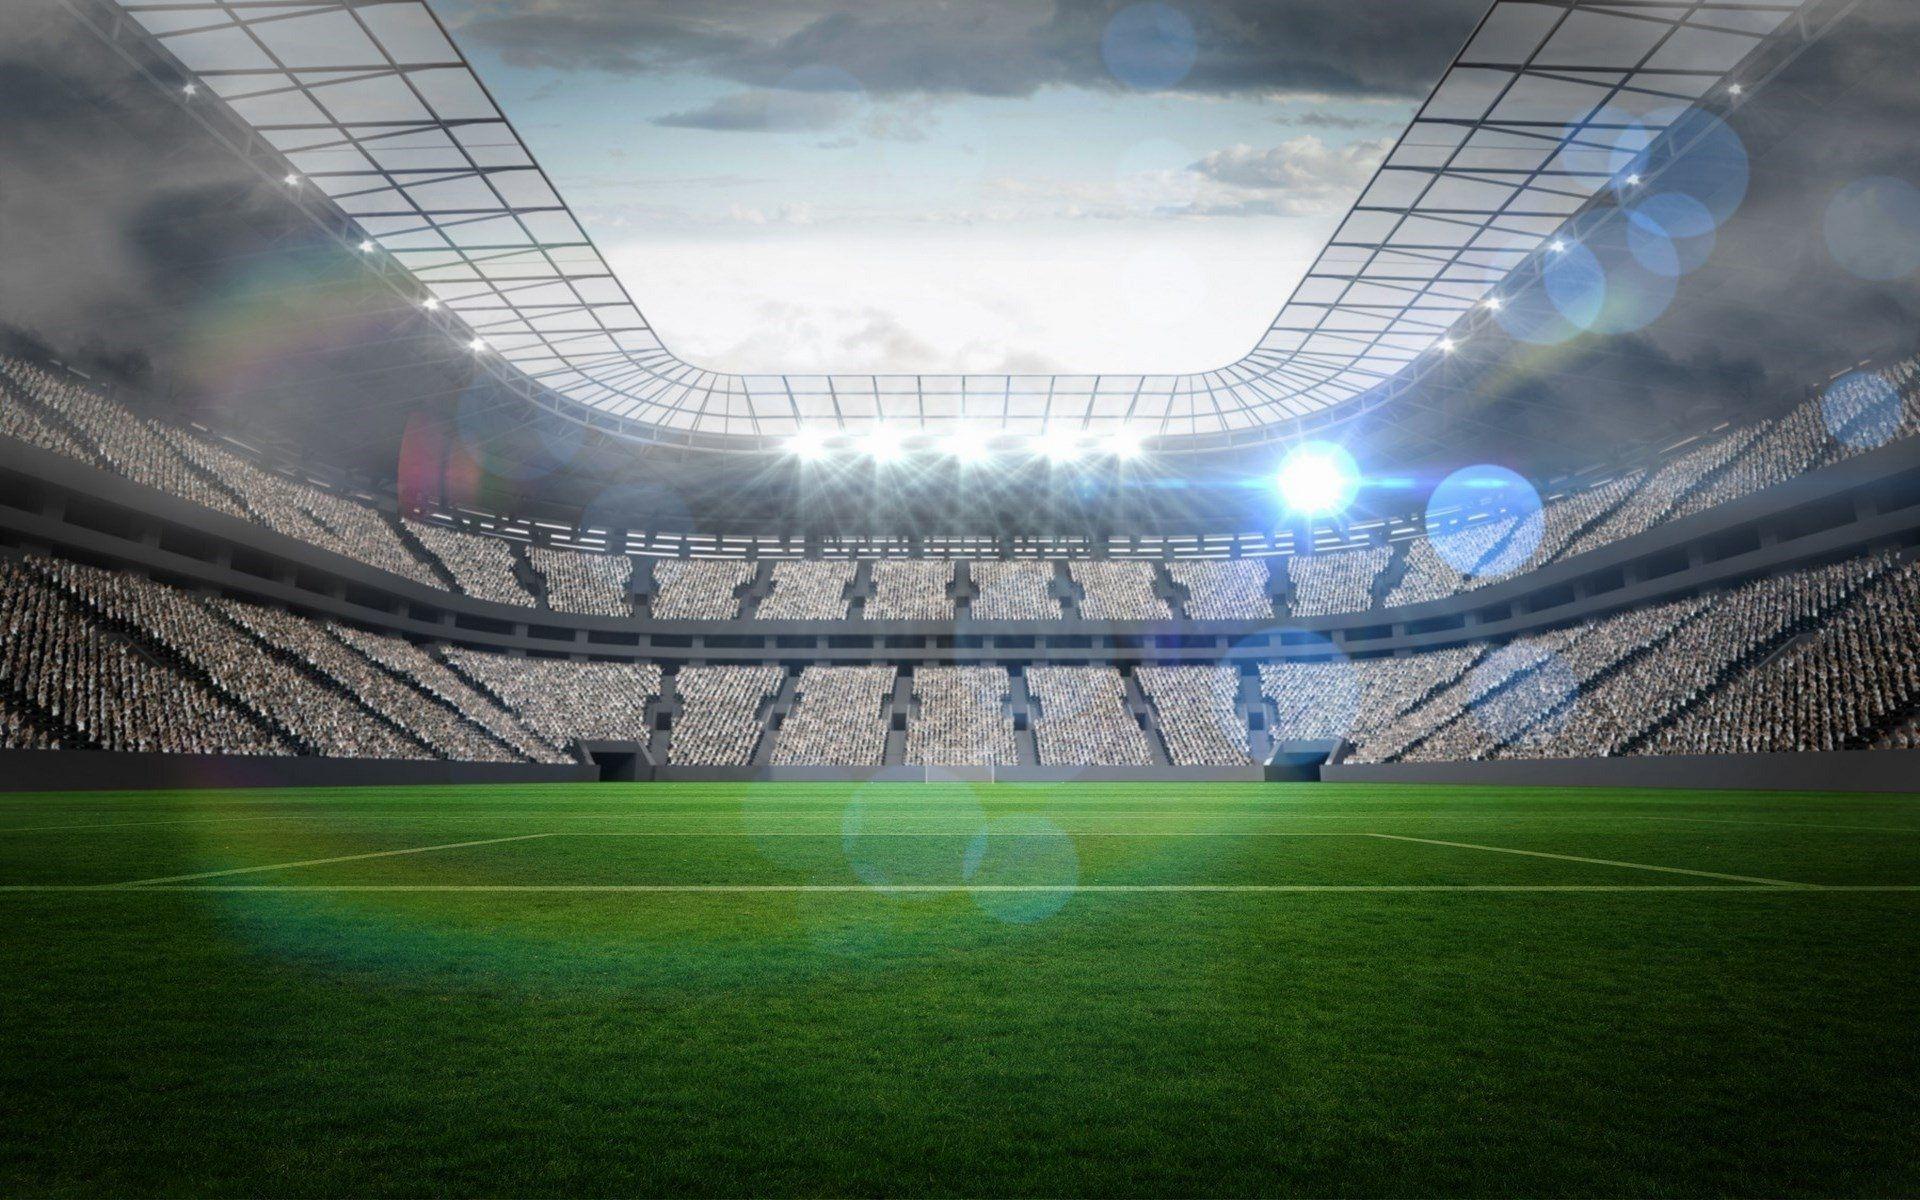 10 Most Popular Football Stadium Background Hd Full Hd 1920 1080 For Pc Desktop Stadium Wallpaper Football Stadium Wallpaper Football Stadiums